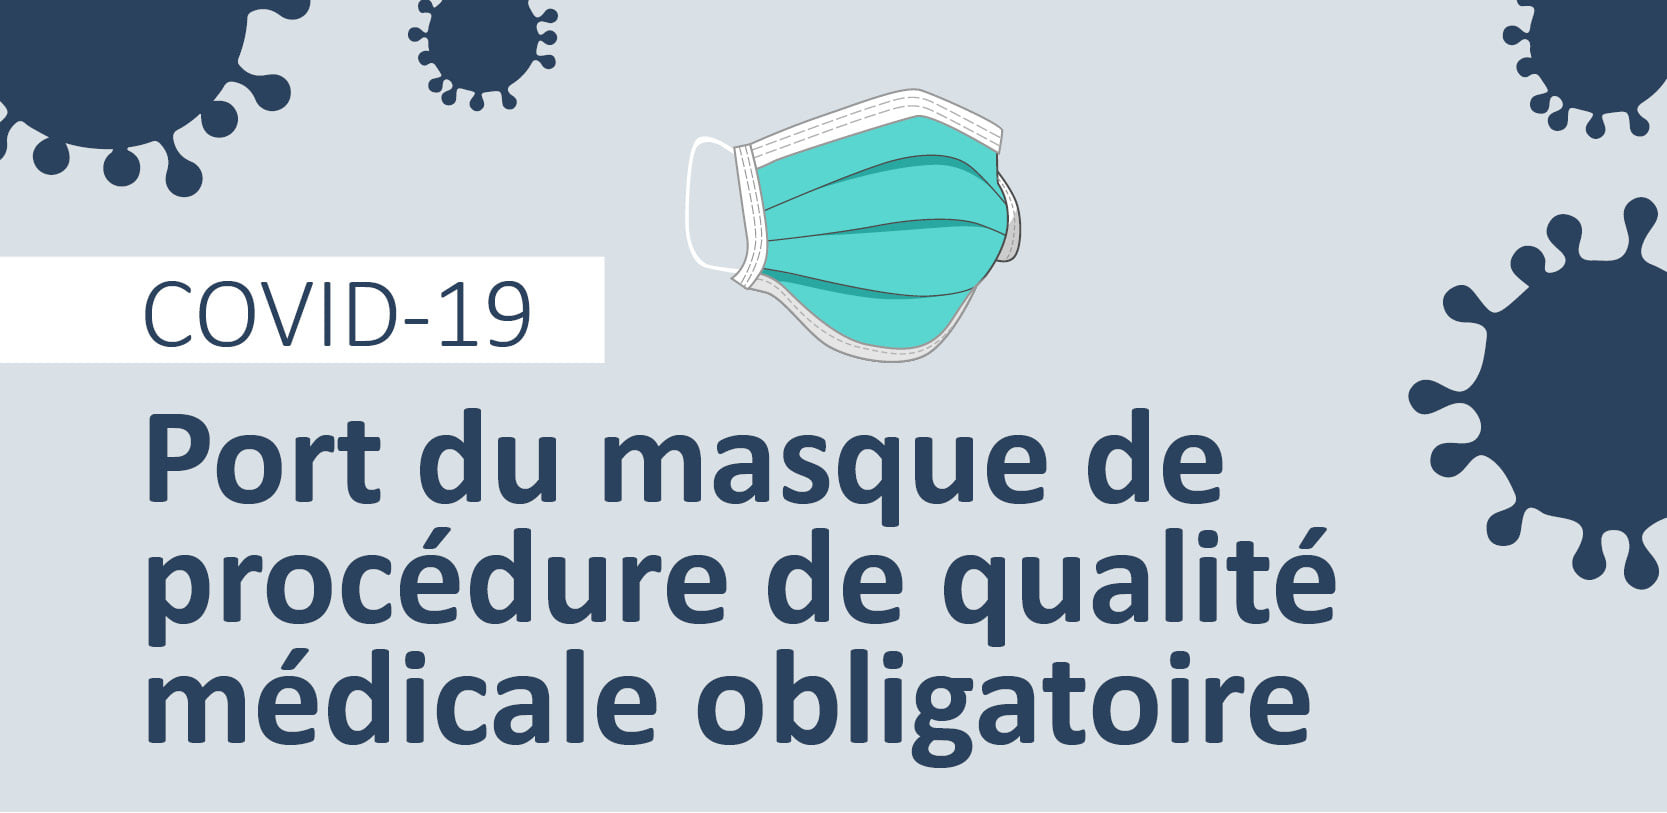 Port du masque de procédure de qualité médicale obligatoire dans nos installations